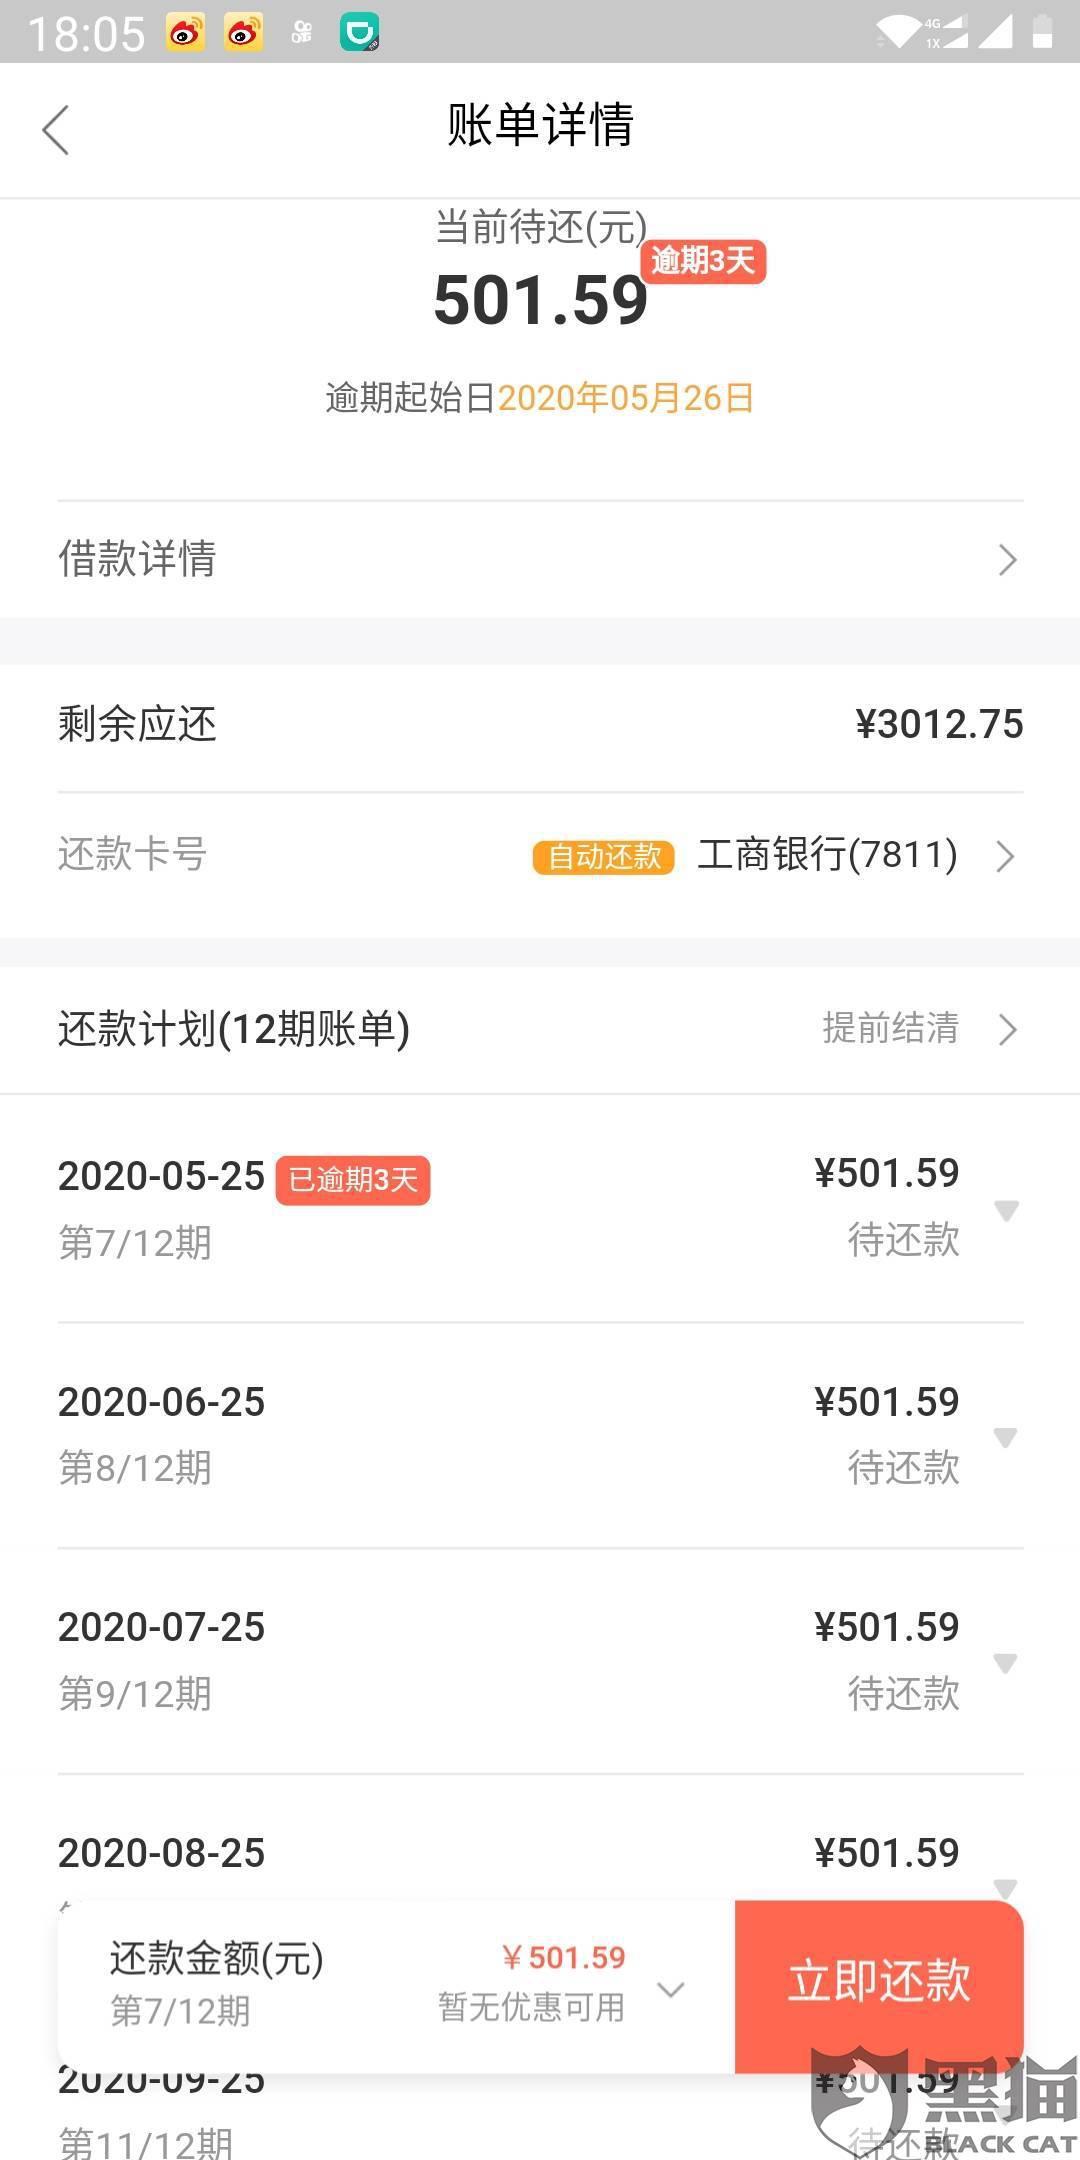 黑猫投诉: 宁夏黄河农村商业银行(省联,暴力催收